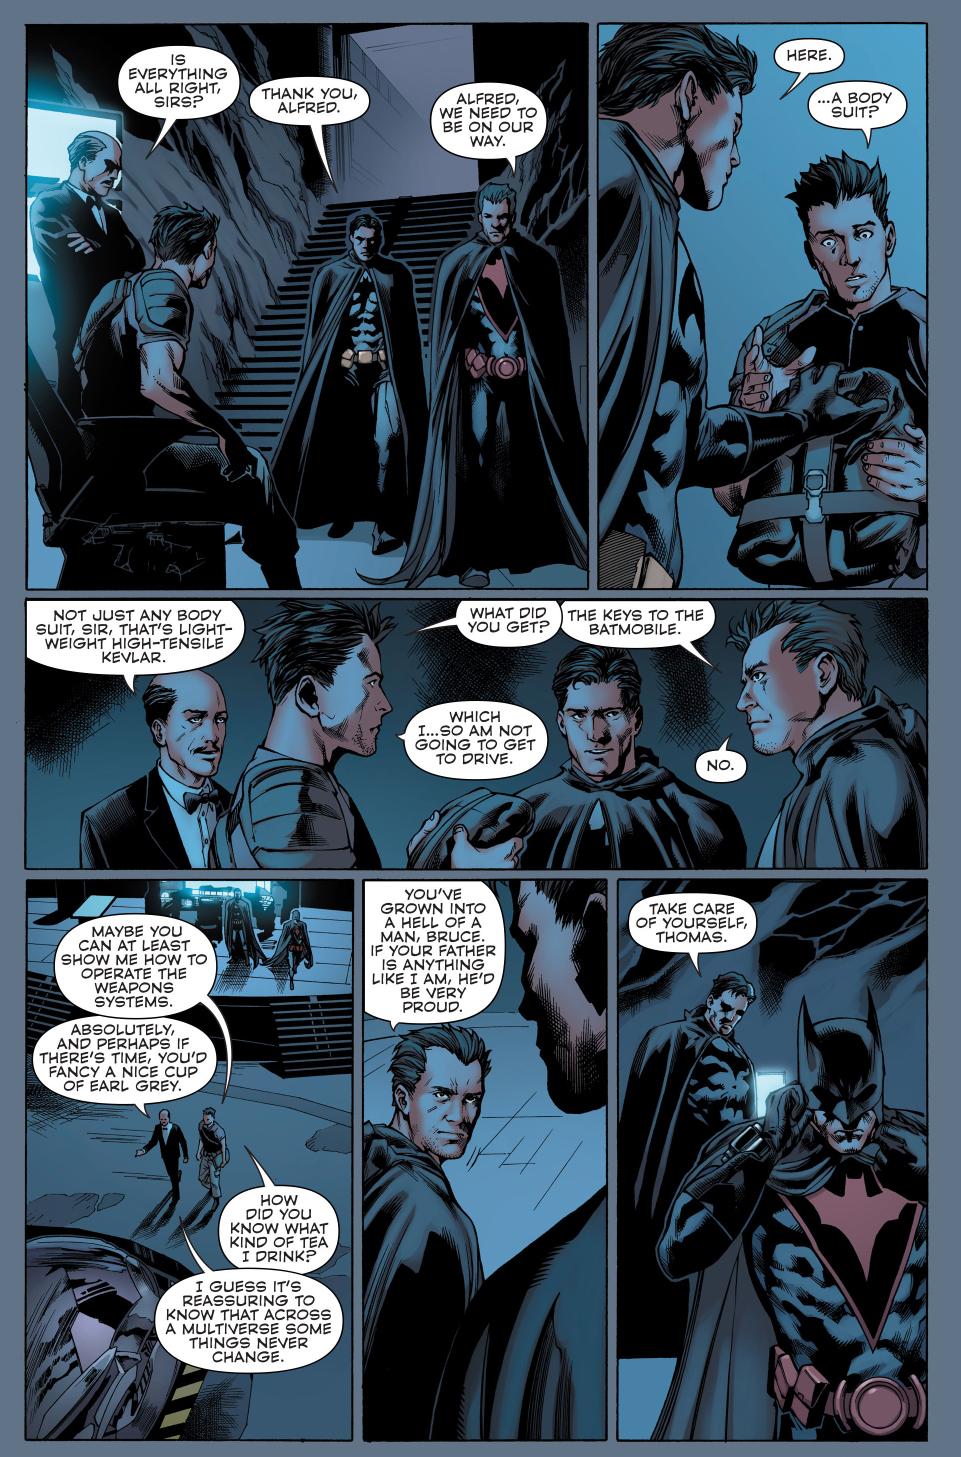 thomas wayne batman meets bruce wayne batman